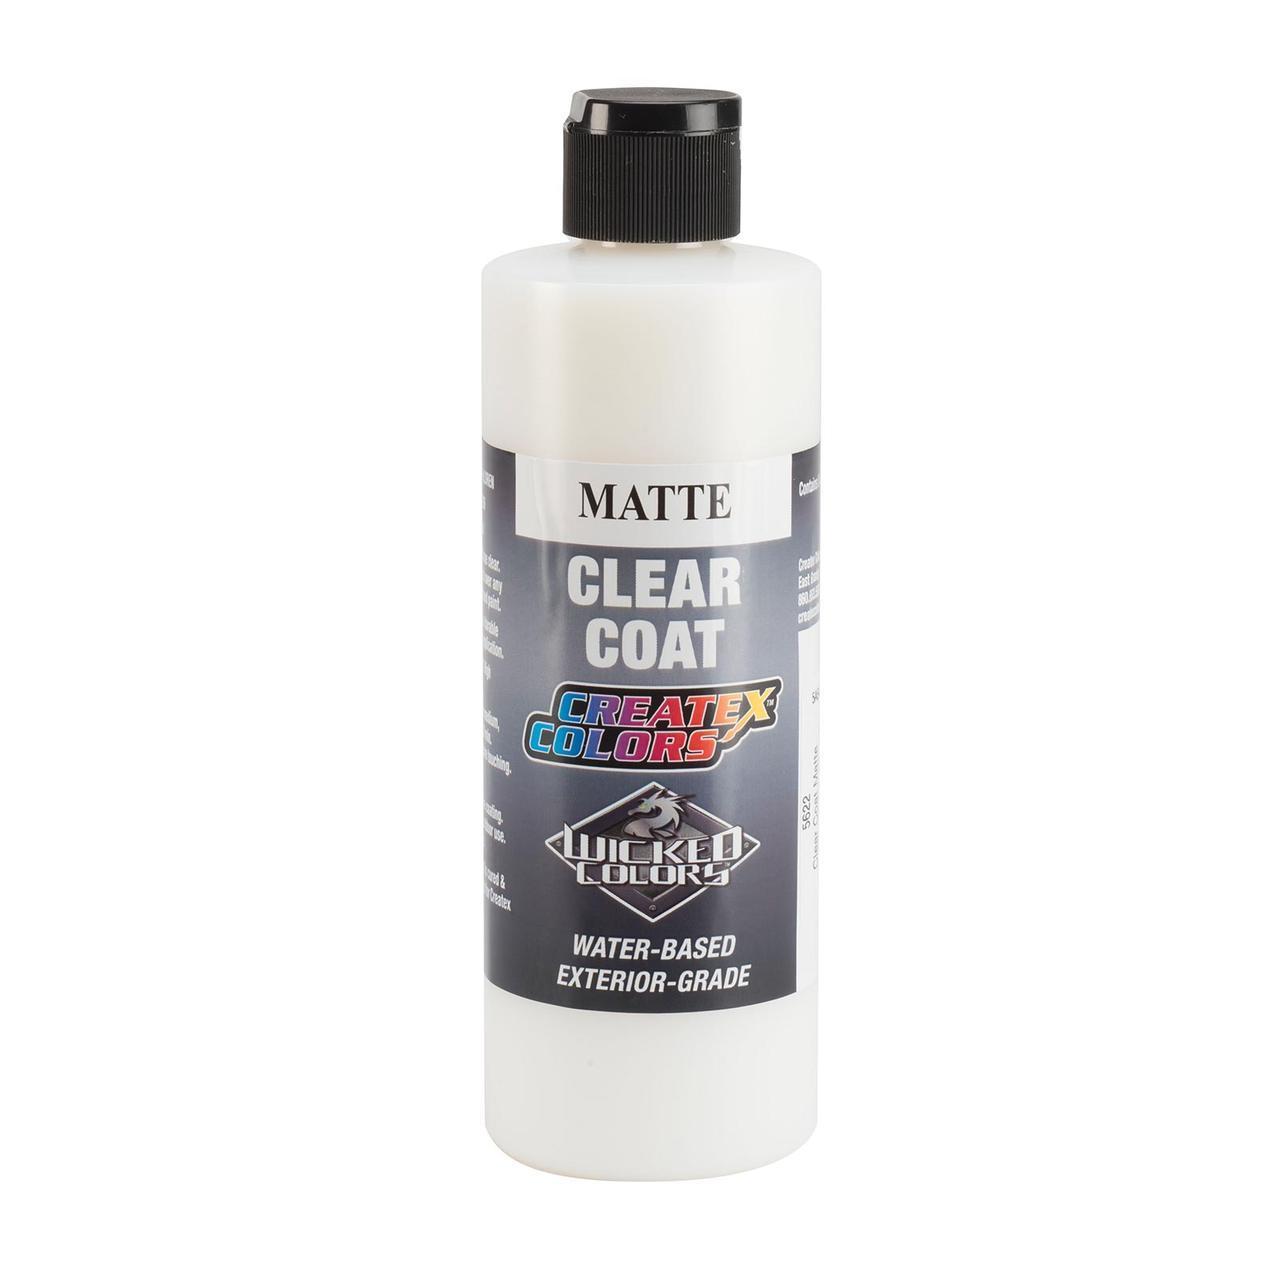 Createx Clear Coat Matte (матовое покрытие), 120 мл